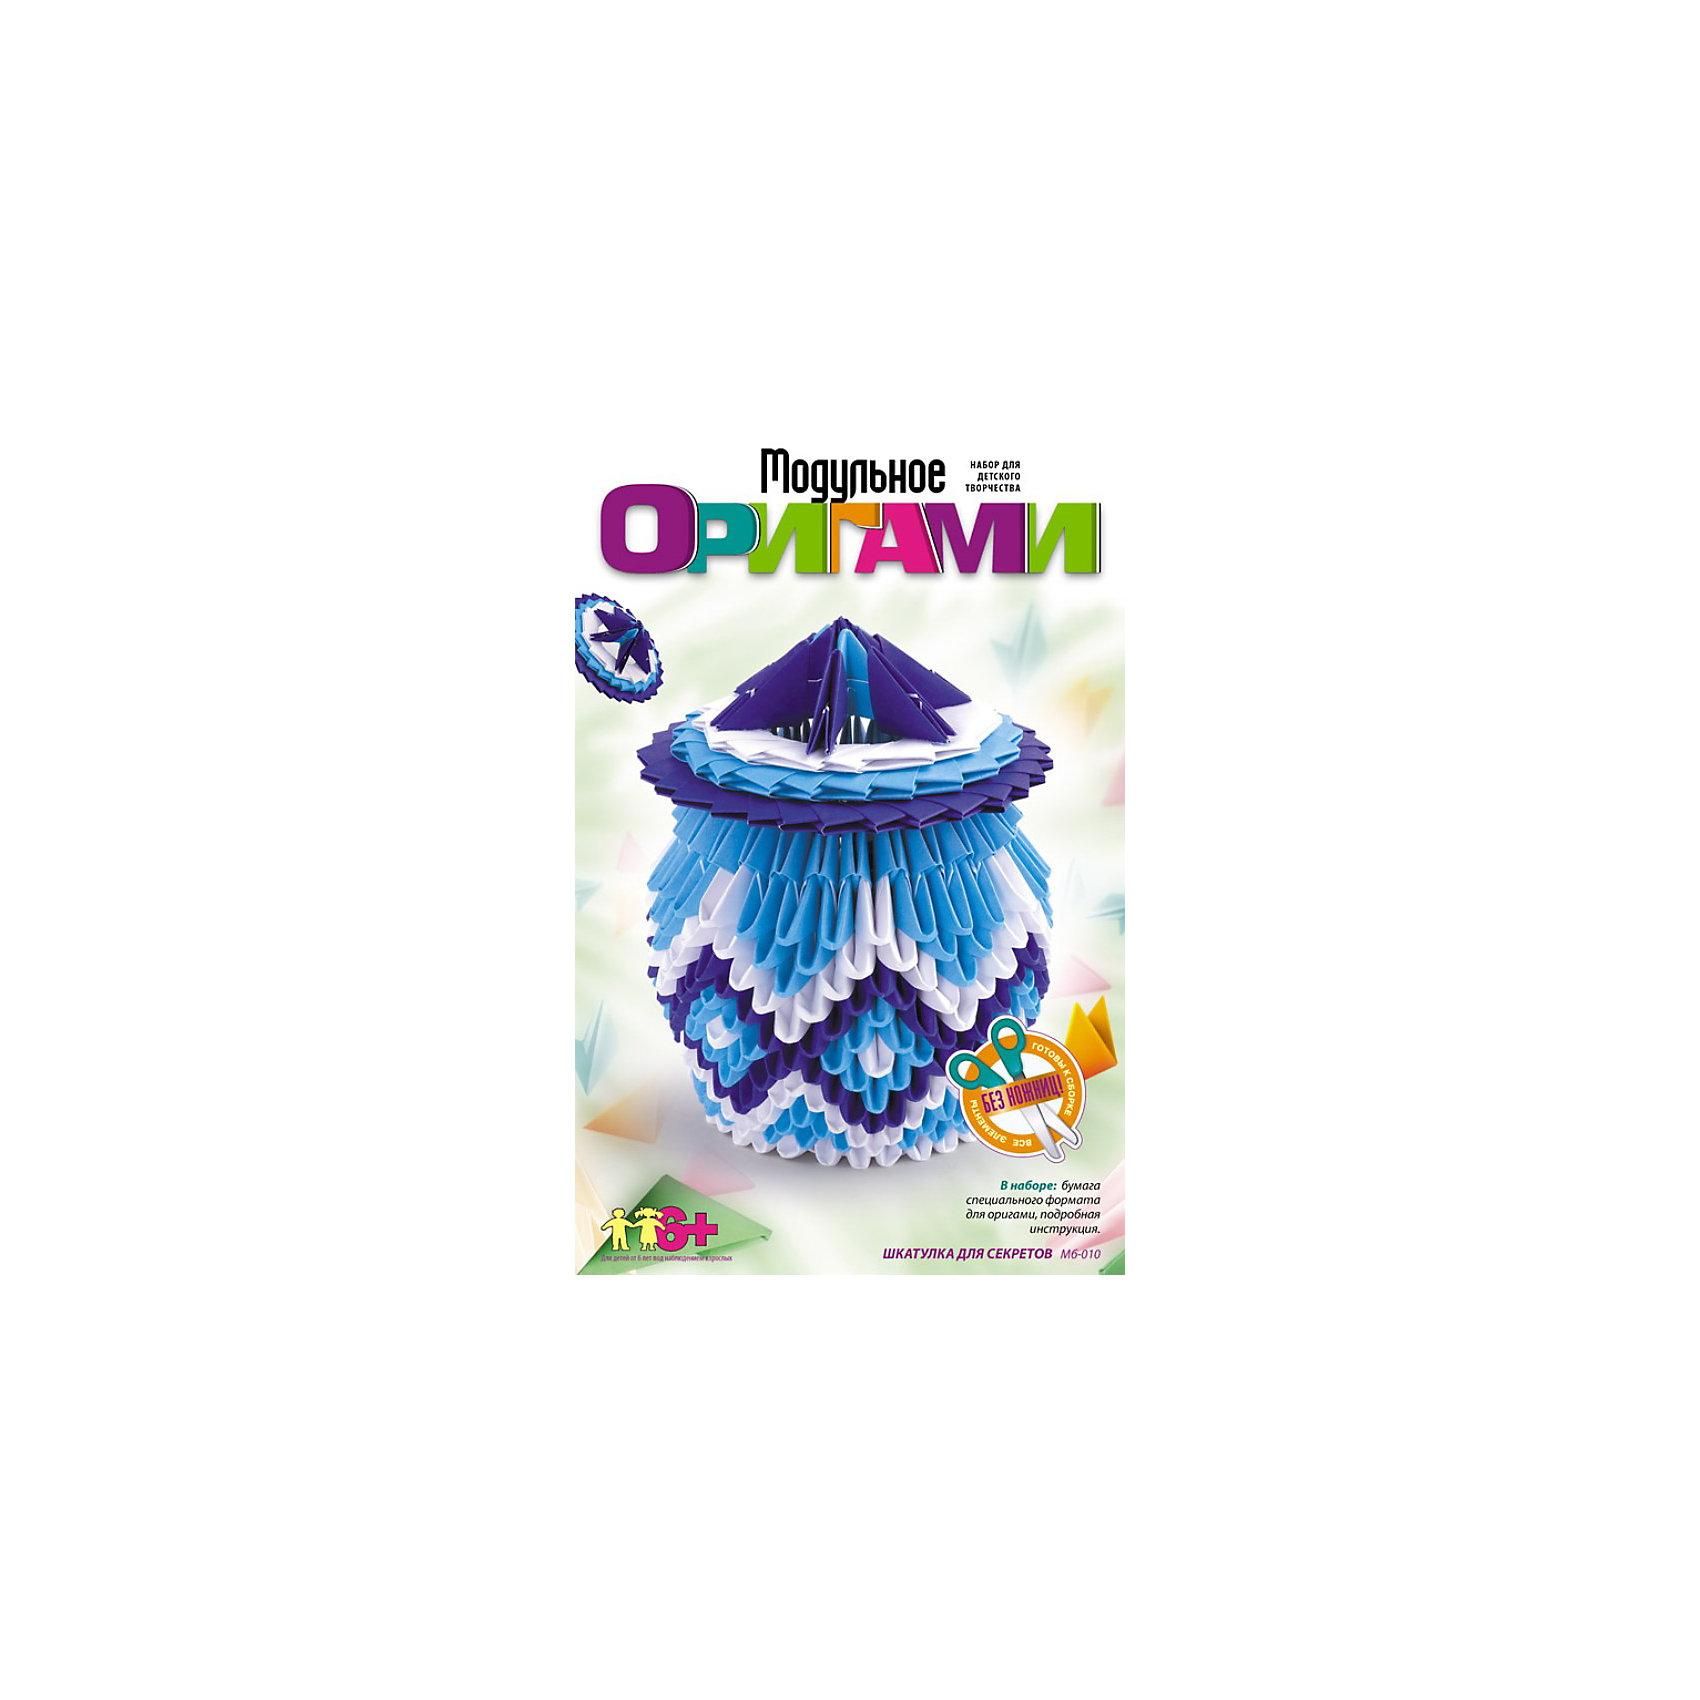 Модульное оригами Шкатулка для секретов, LORIБумага<br>Модульное оригами Шкатулка для секретов, LORI станет самым интересным занятием для Вашего малыша!<br>Объемные фигуры из бумаги всегда смотрятся очень красиво и необычно. Наборы из серии «Модульное оригами» предлагают изучить эту удивительную технику. Более простая по сравнению с классическим оригами, она в то же время является очень увлекательным занятием, которое понравится не только детям, но и взрослым. <br>Занятия с данным набором способствуют развитию внимания, памяти, пространственного и образного мышления, развивают мелкую моторику, воспитывают терпение и аккуратность.<br><br>Дополнительная информация:<br><br>Размер: 210х135х33 мм.<br><br>Вес: 227 г.<br><br>Станет прекрасным развивающим подарком Вашему малышу!<br>Легко купить в нашем интернет-магазине!<br><br>Ширина мм: 210<br>Глубина мм: 135<br>Высота мм: 33<br>Вес г: 227<br>Возраст от месяцев: 72<br>Возраст до месяцев: 144<br>Пол: Унисекс<br>Возраст: Детский<br>SKU: 3376574